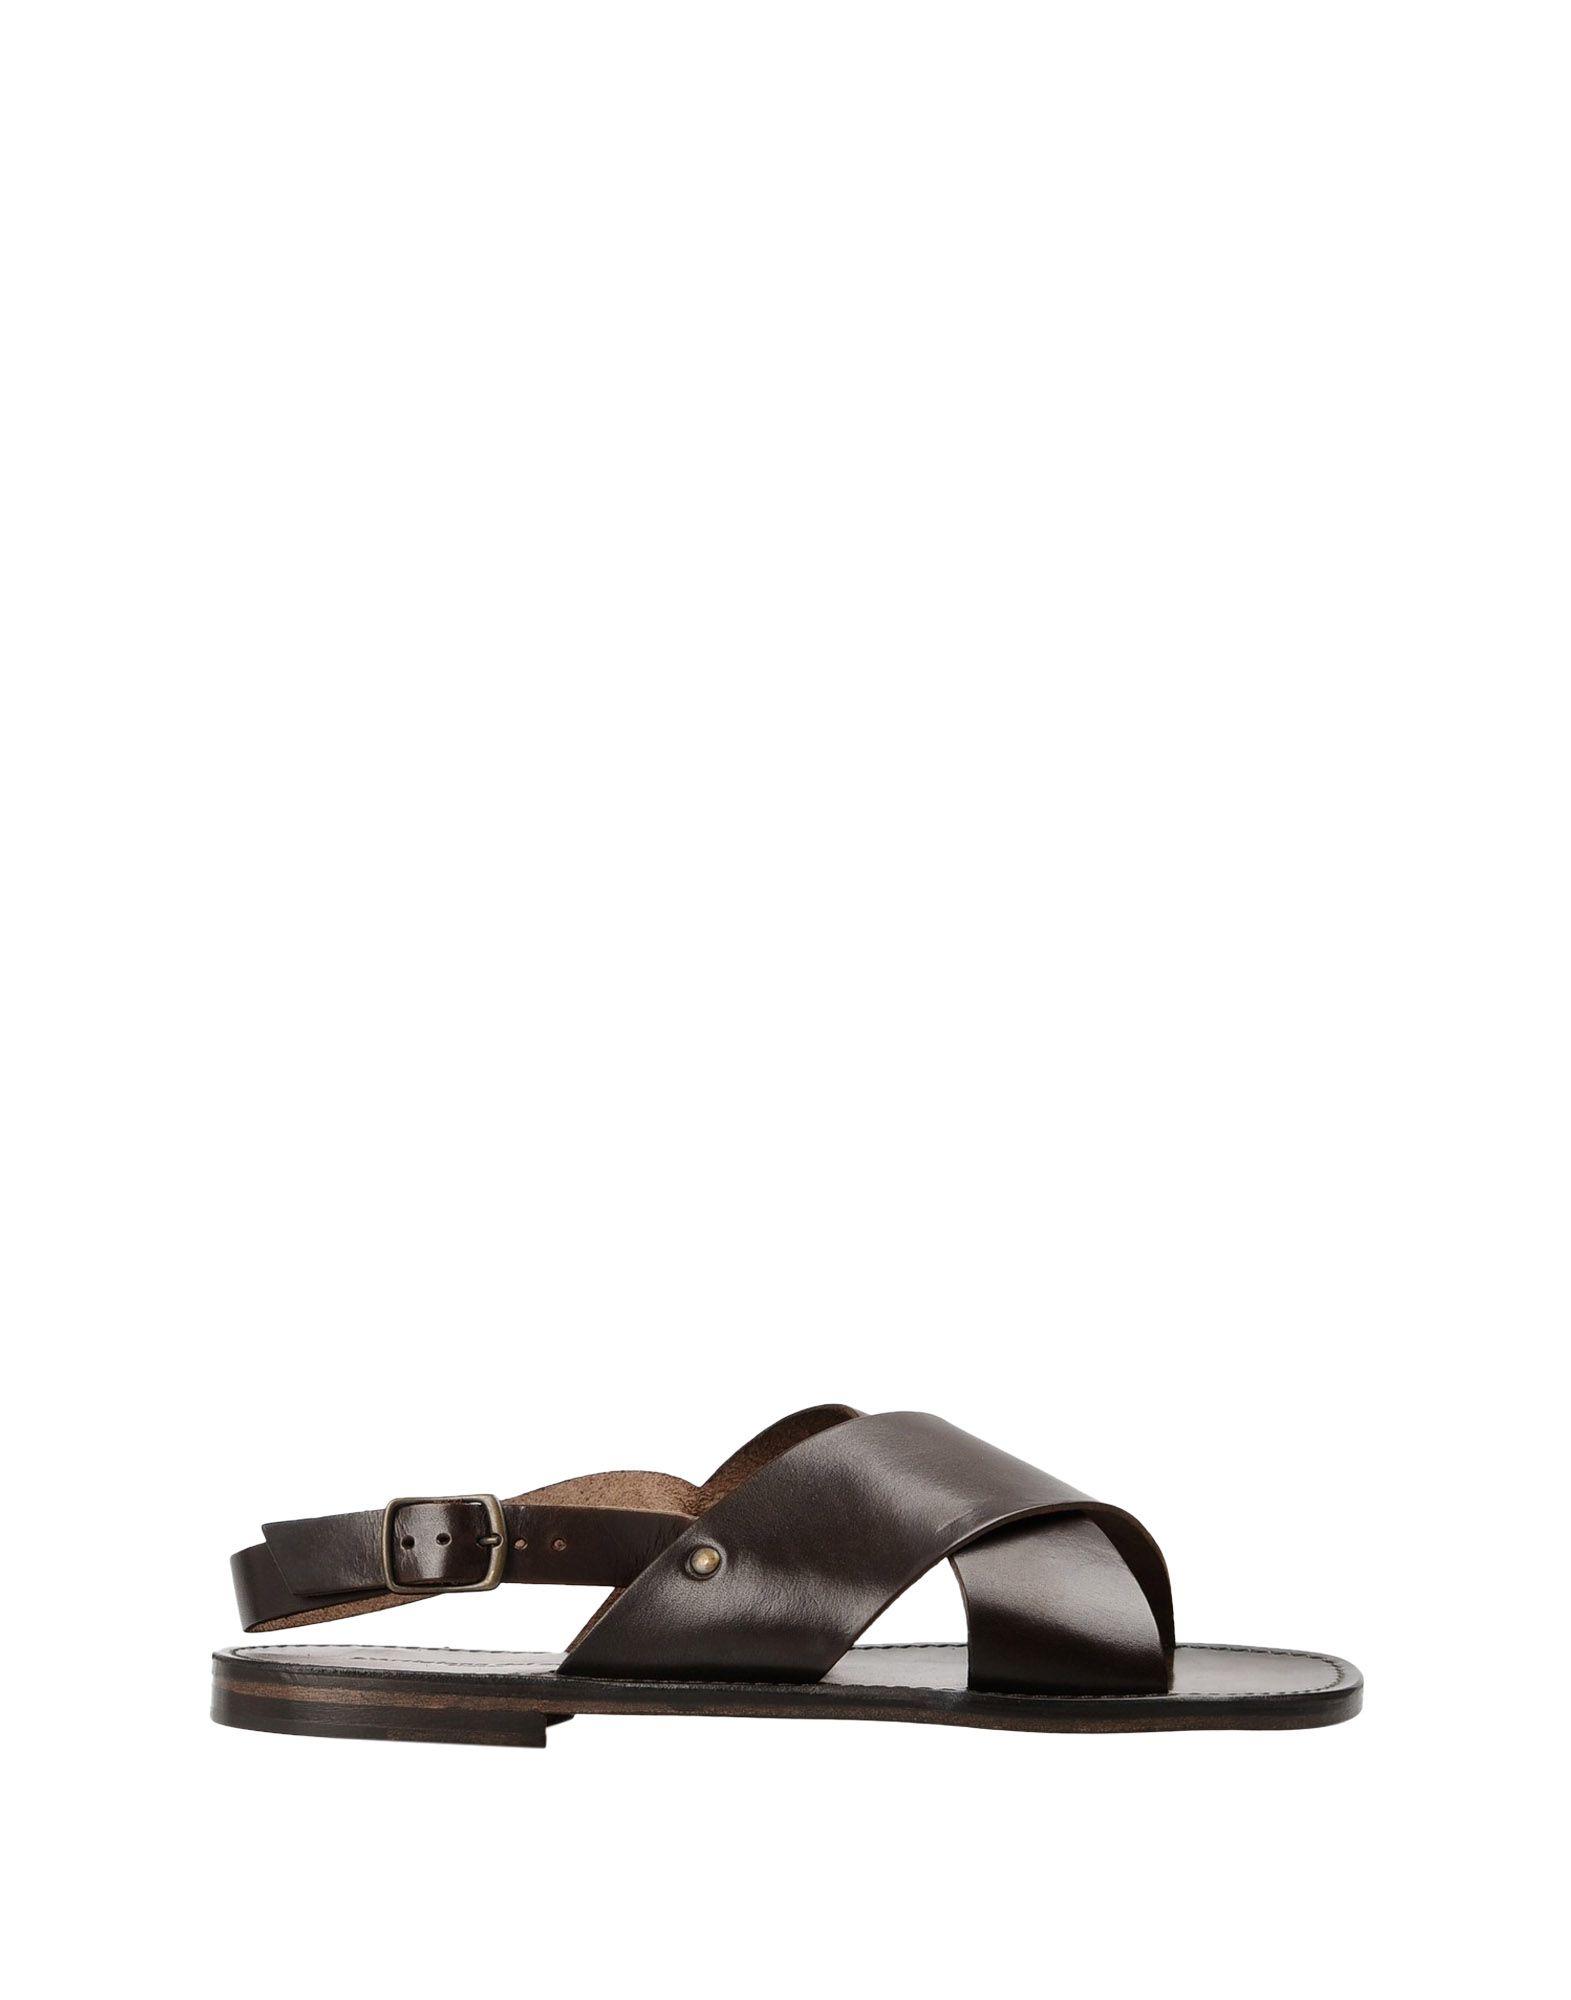 l & # 39; artigiano del cuoio sandales - artigiano hommes l & # 39; artigiano - del cuoio sandales en ligne sur l'australie - 11418199dh 13de1e